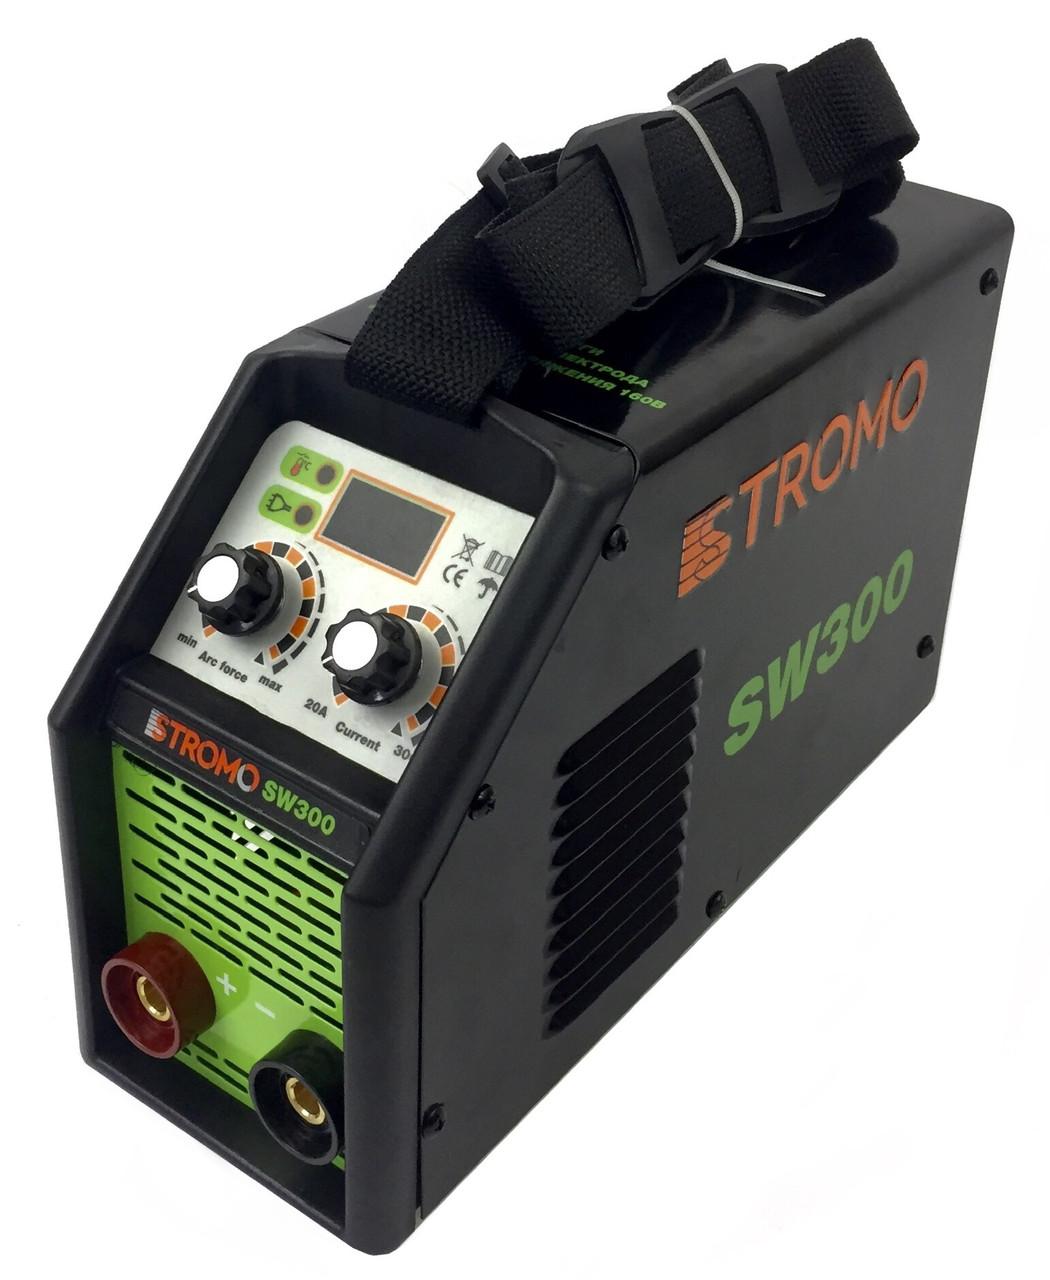 Сварочный инверторный аппарат Stromo SW-300